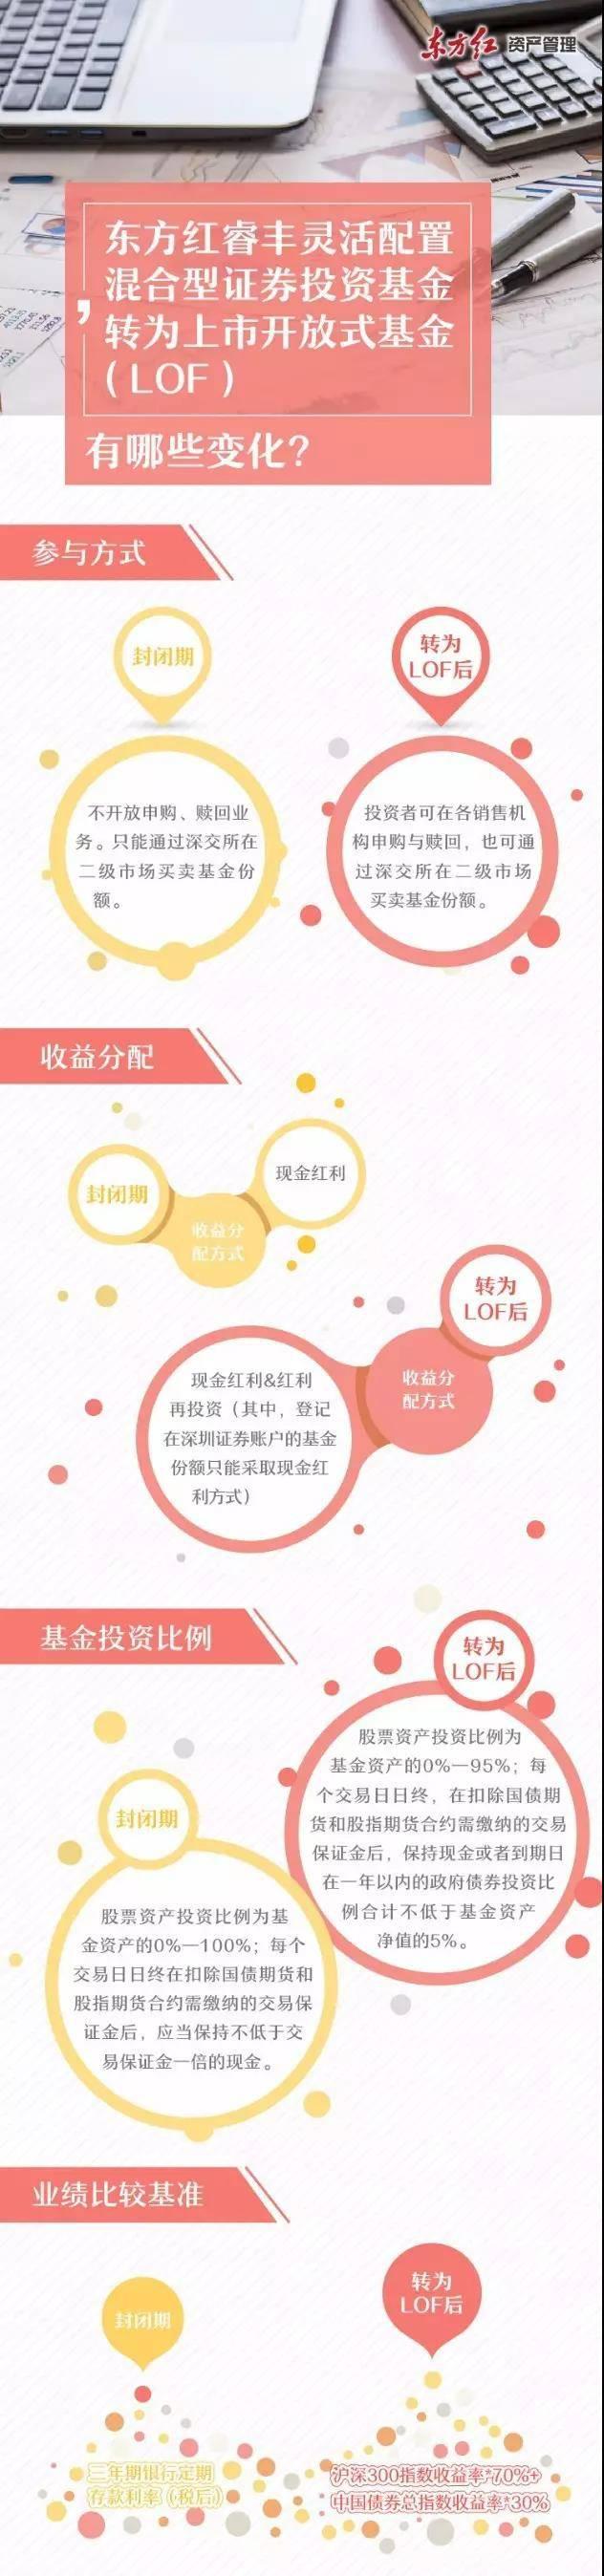 东方红睿丰混合基金封闭三年打开申赎 引来近百亿